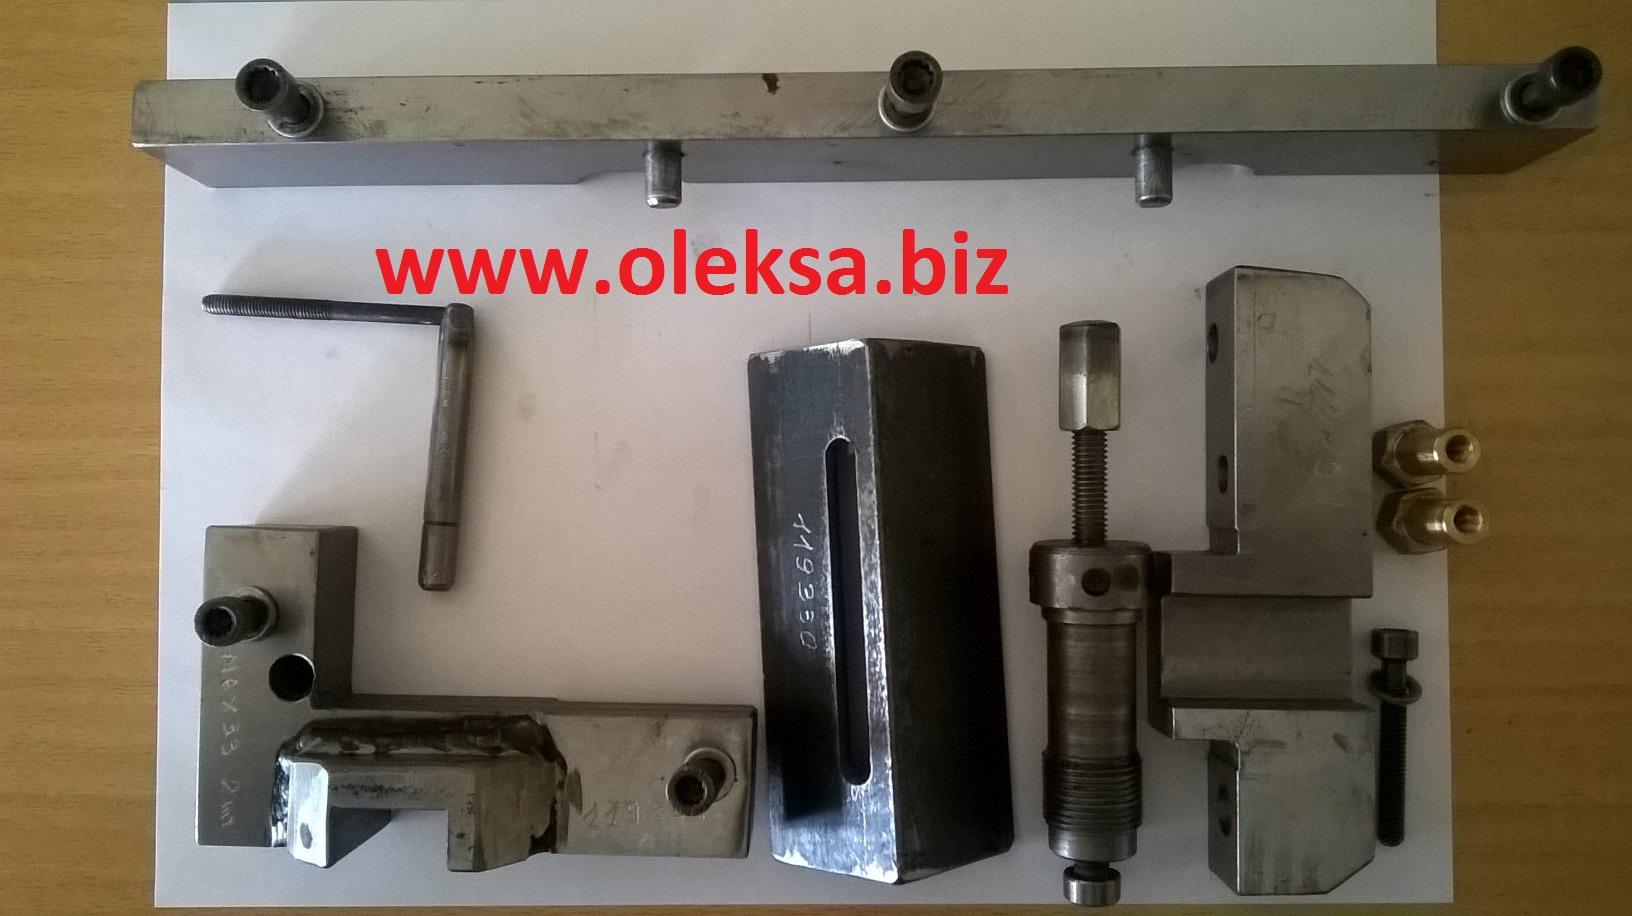 Набор cпецинструмента для BMW двигателей N42 N46 N46T Vanos 1.8i 2.0i Valvetronic E46 E85 E87 E90 E91